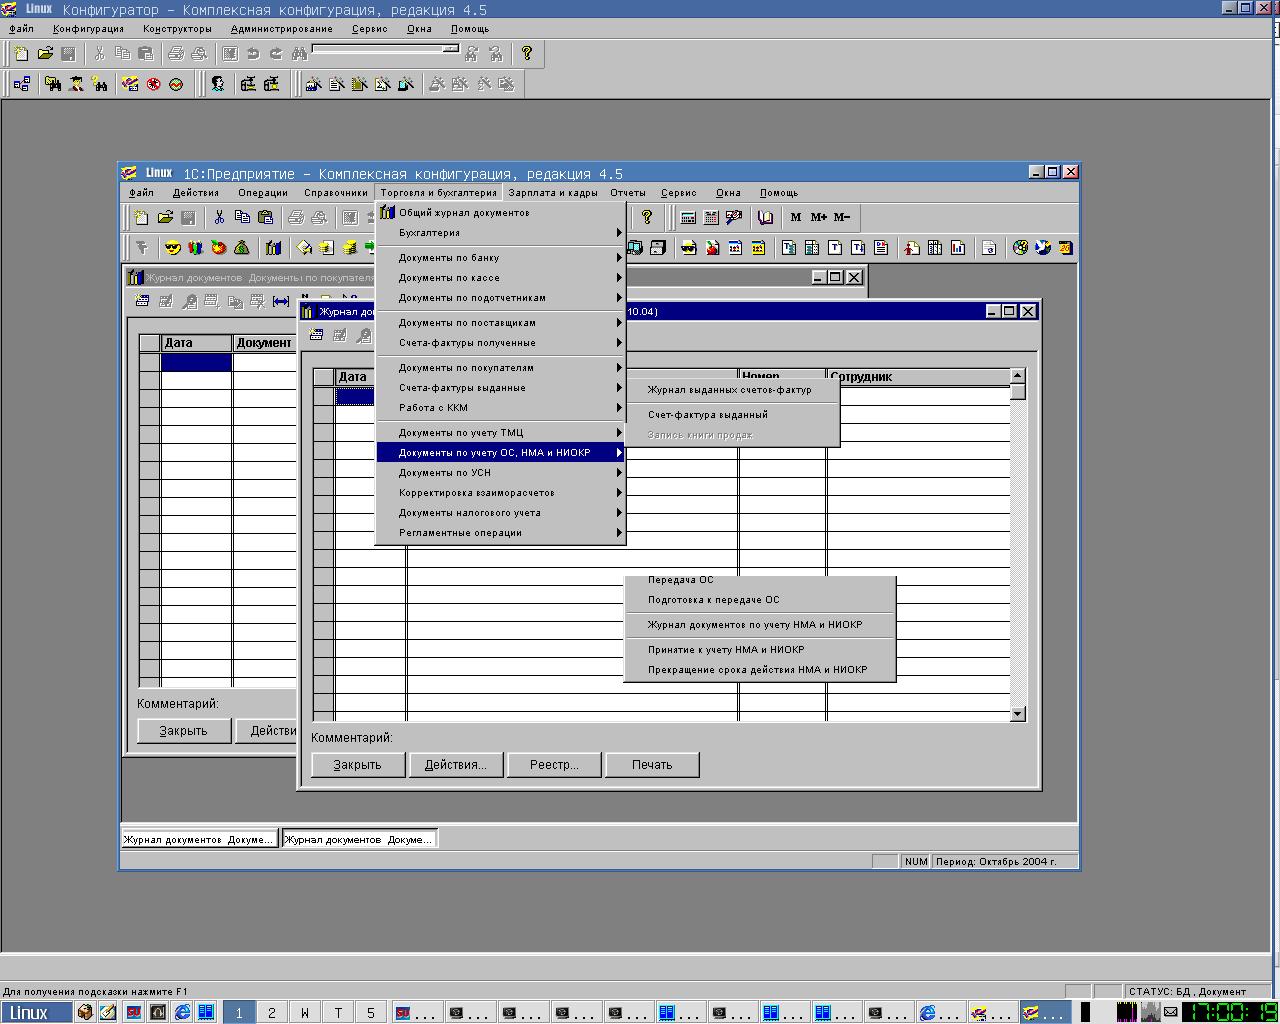 1с регистрация comcntr.dll windows 10